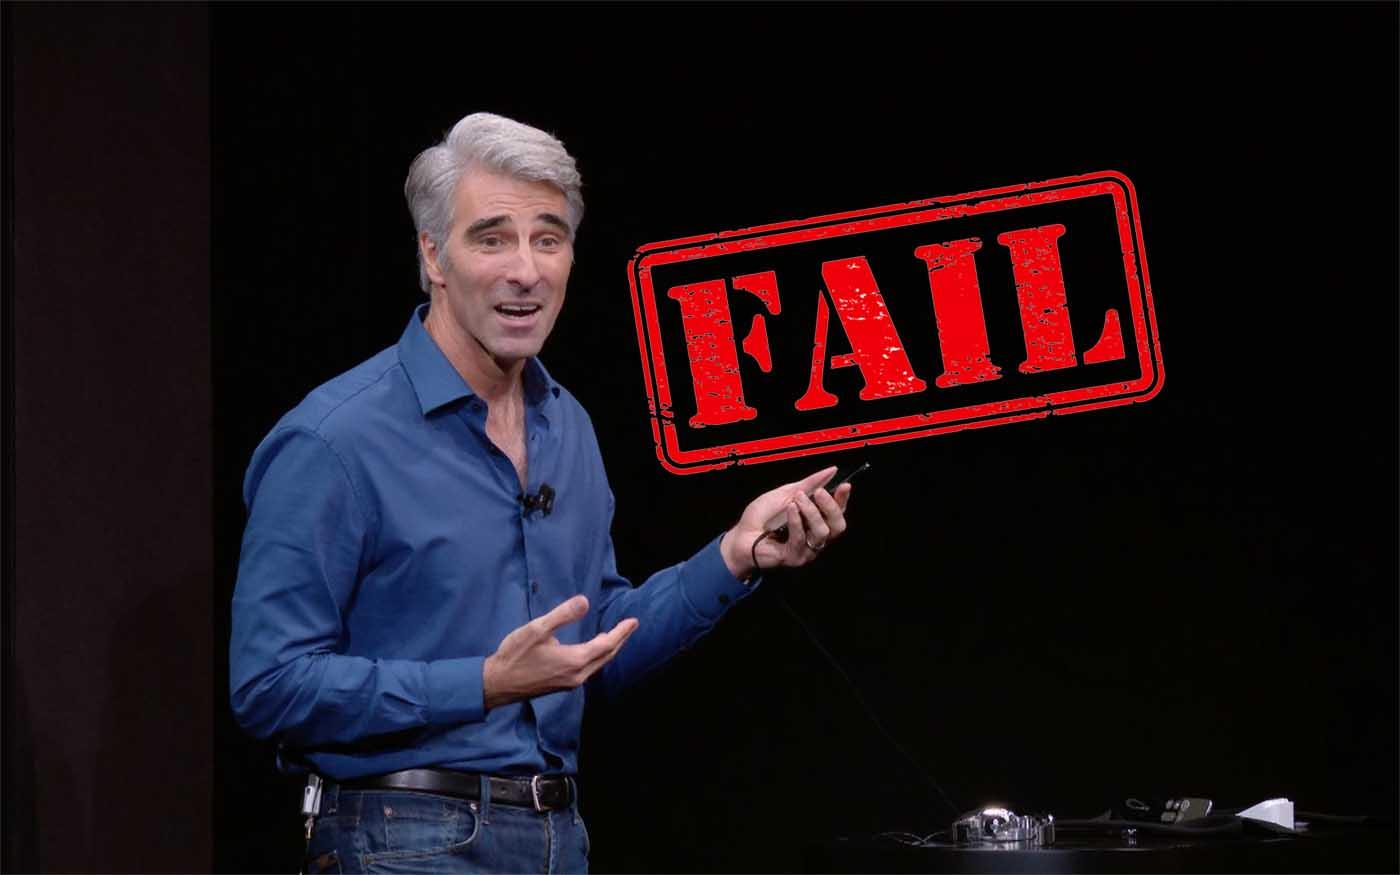 ¿Falló Face ID en la presentación de Apple? La compañía asegura que no fue así